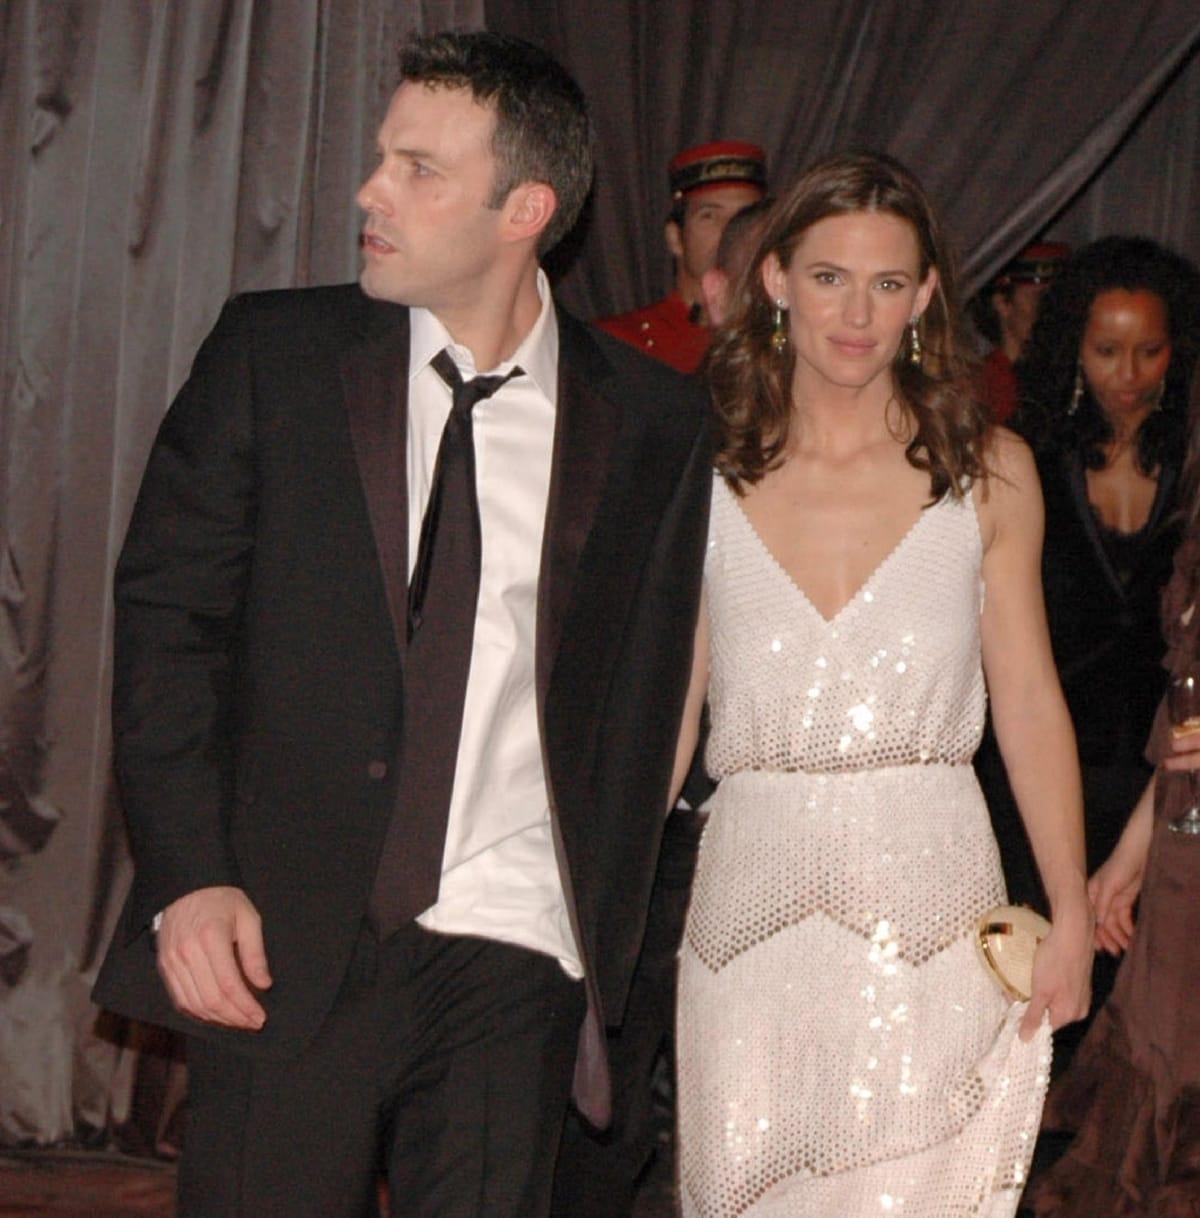 Ben Affleck and Jennifer Garner at a Golden Globes Party